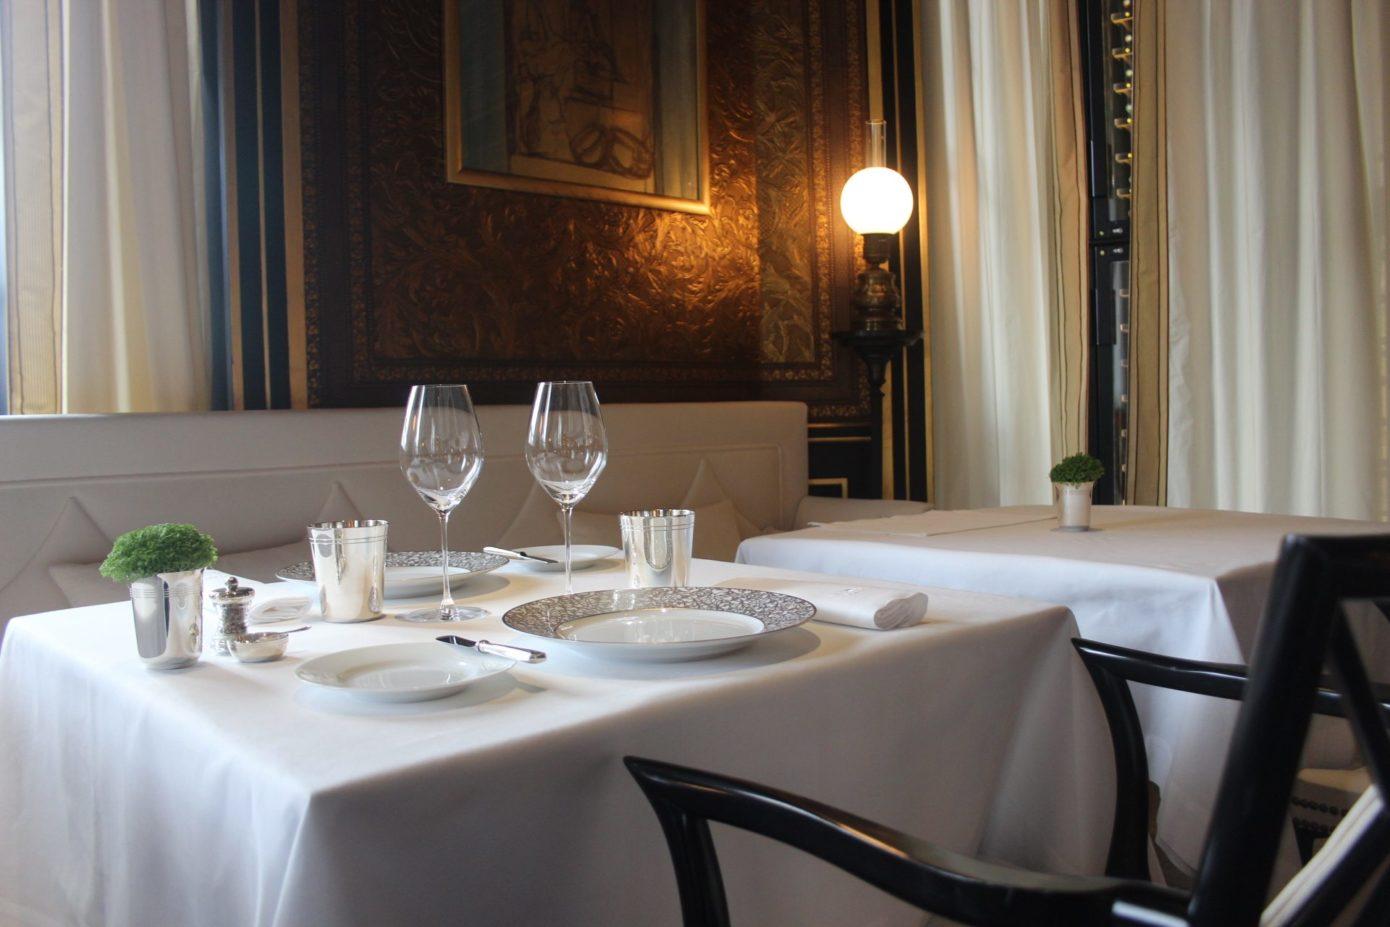 Restaurantes paris as melhores dicas com curadoria for Le miroir resto paris